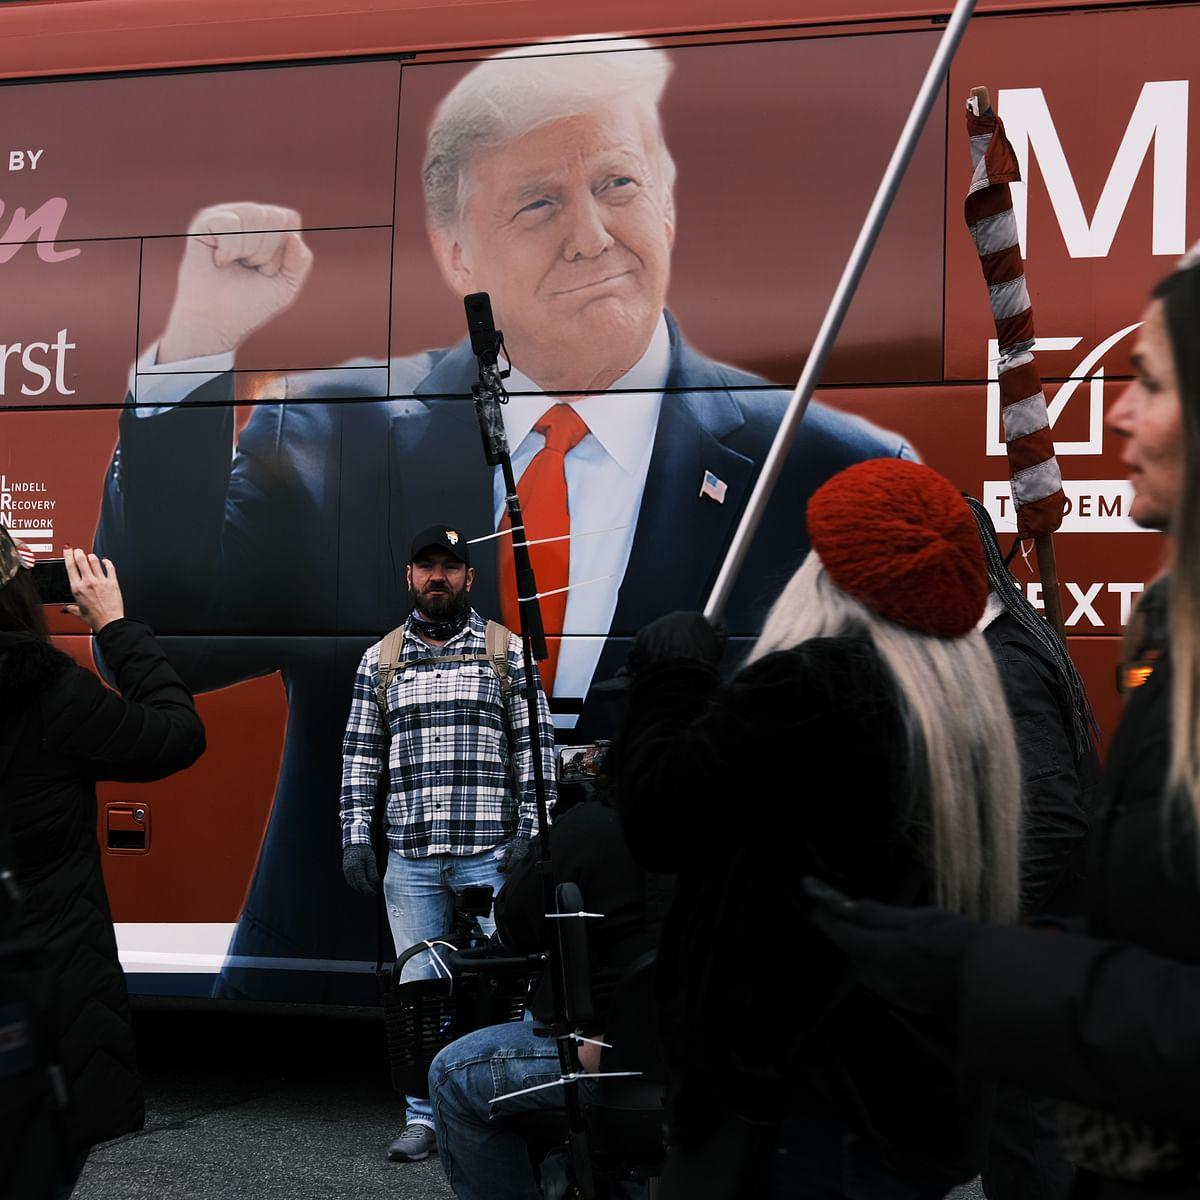 امریکہ میں تشدد / Getty Images